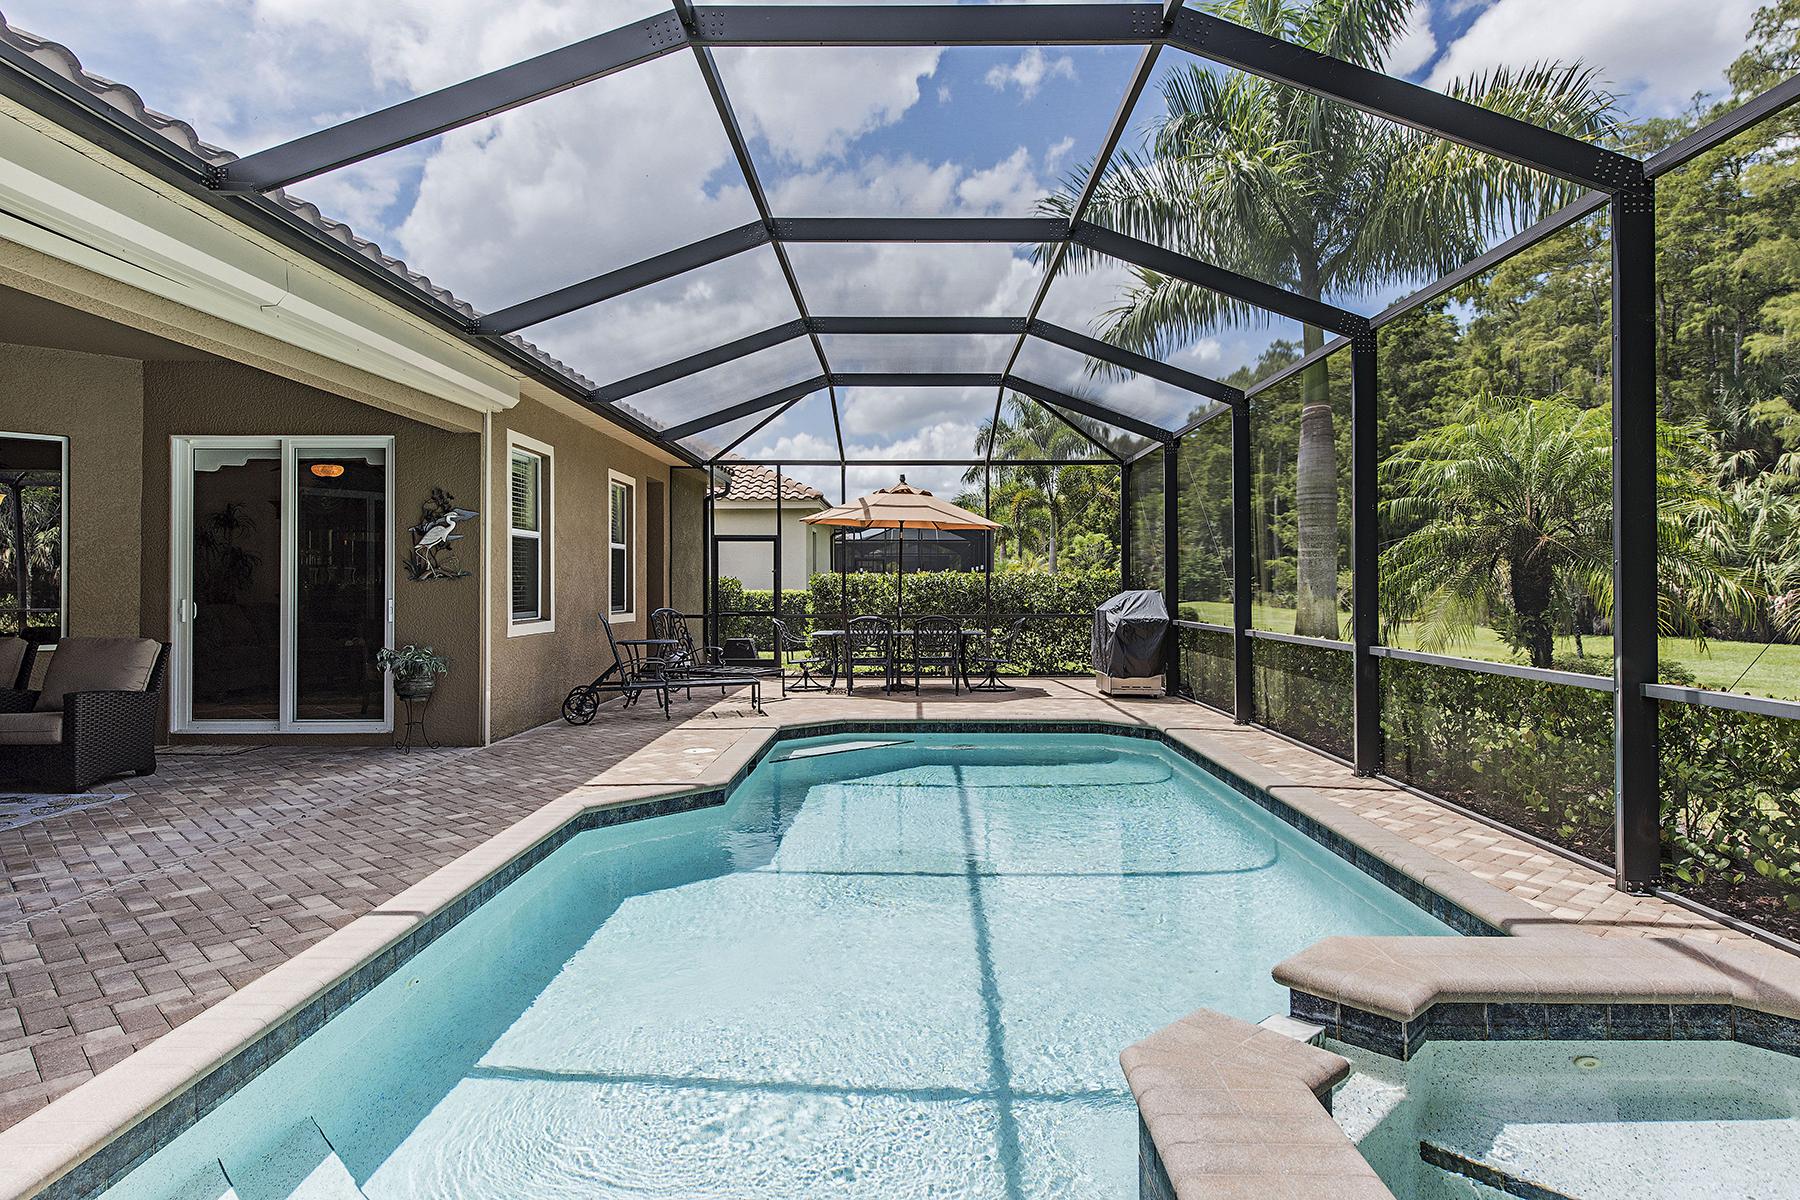 Casa Unifamiliar por un Venta en Naples 10063 Escambia Bay Ct Naples, Florida, 34120 Estados Unidos